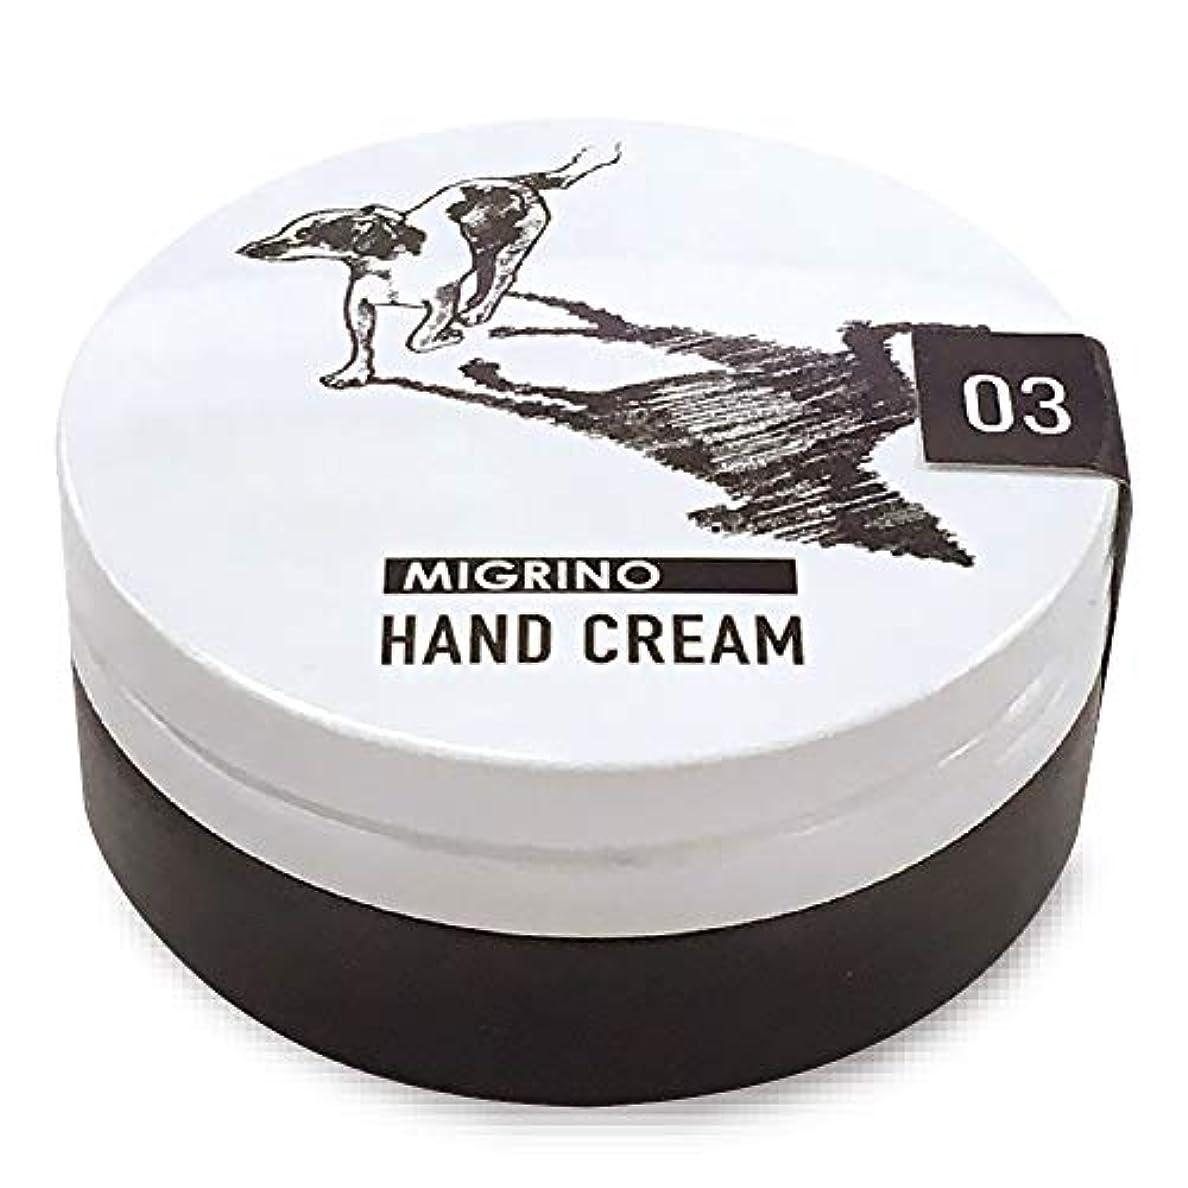 つづりシンボル試用ノルコーポレーション ハンドクリーム パドロール 保湿成分配合 PAD-9-03 ベルガモットの香り 60g